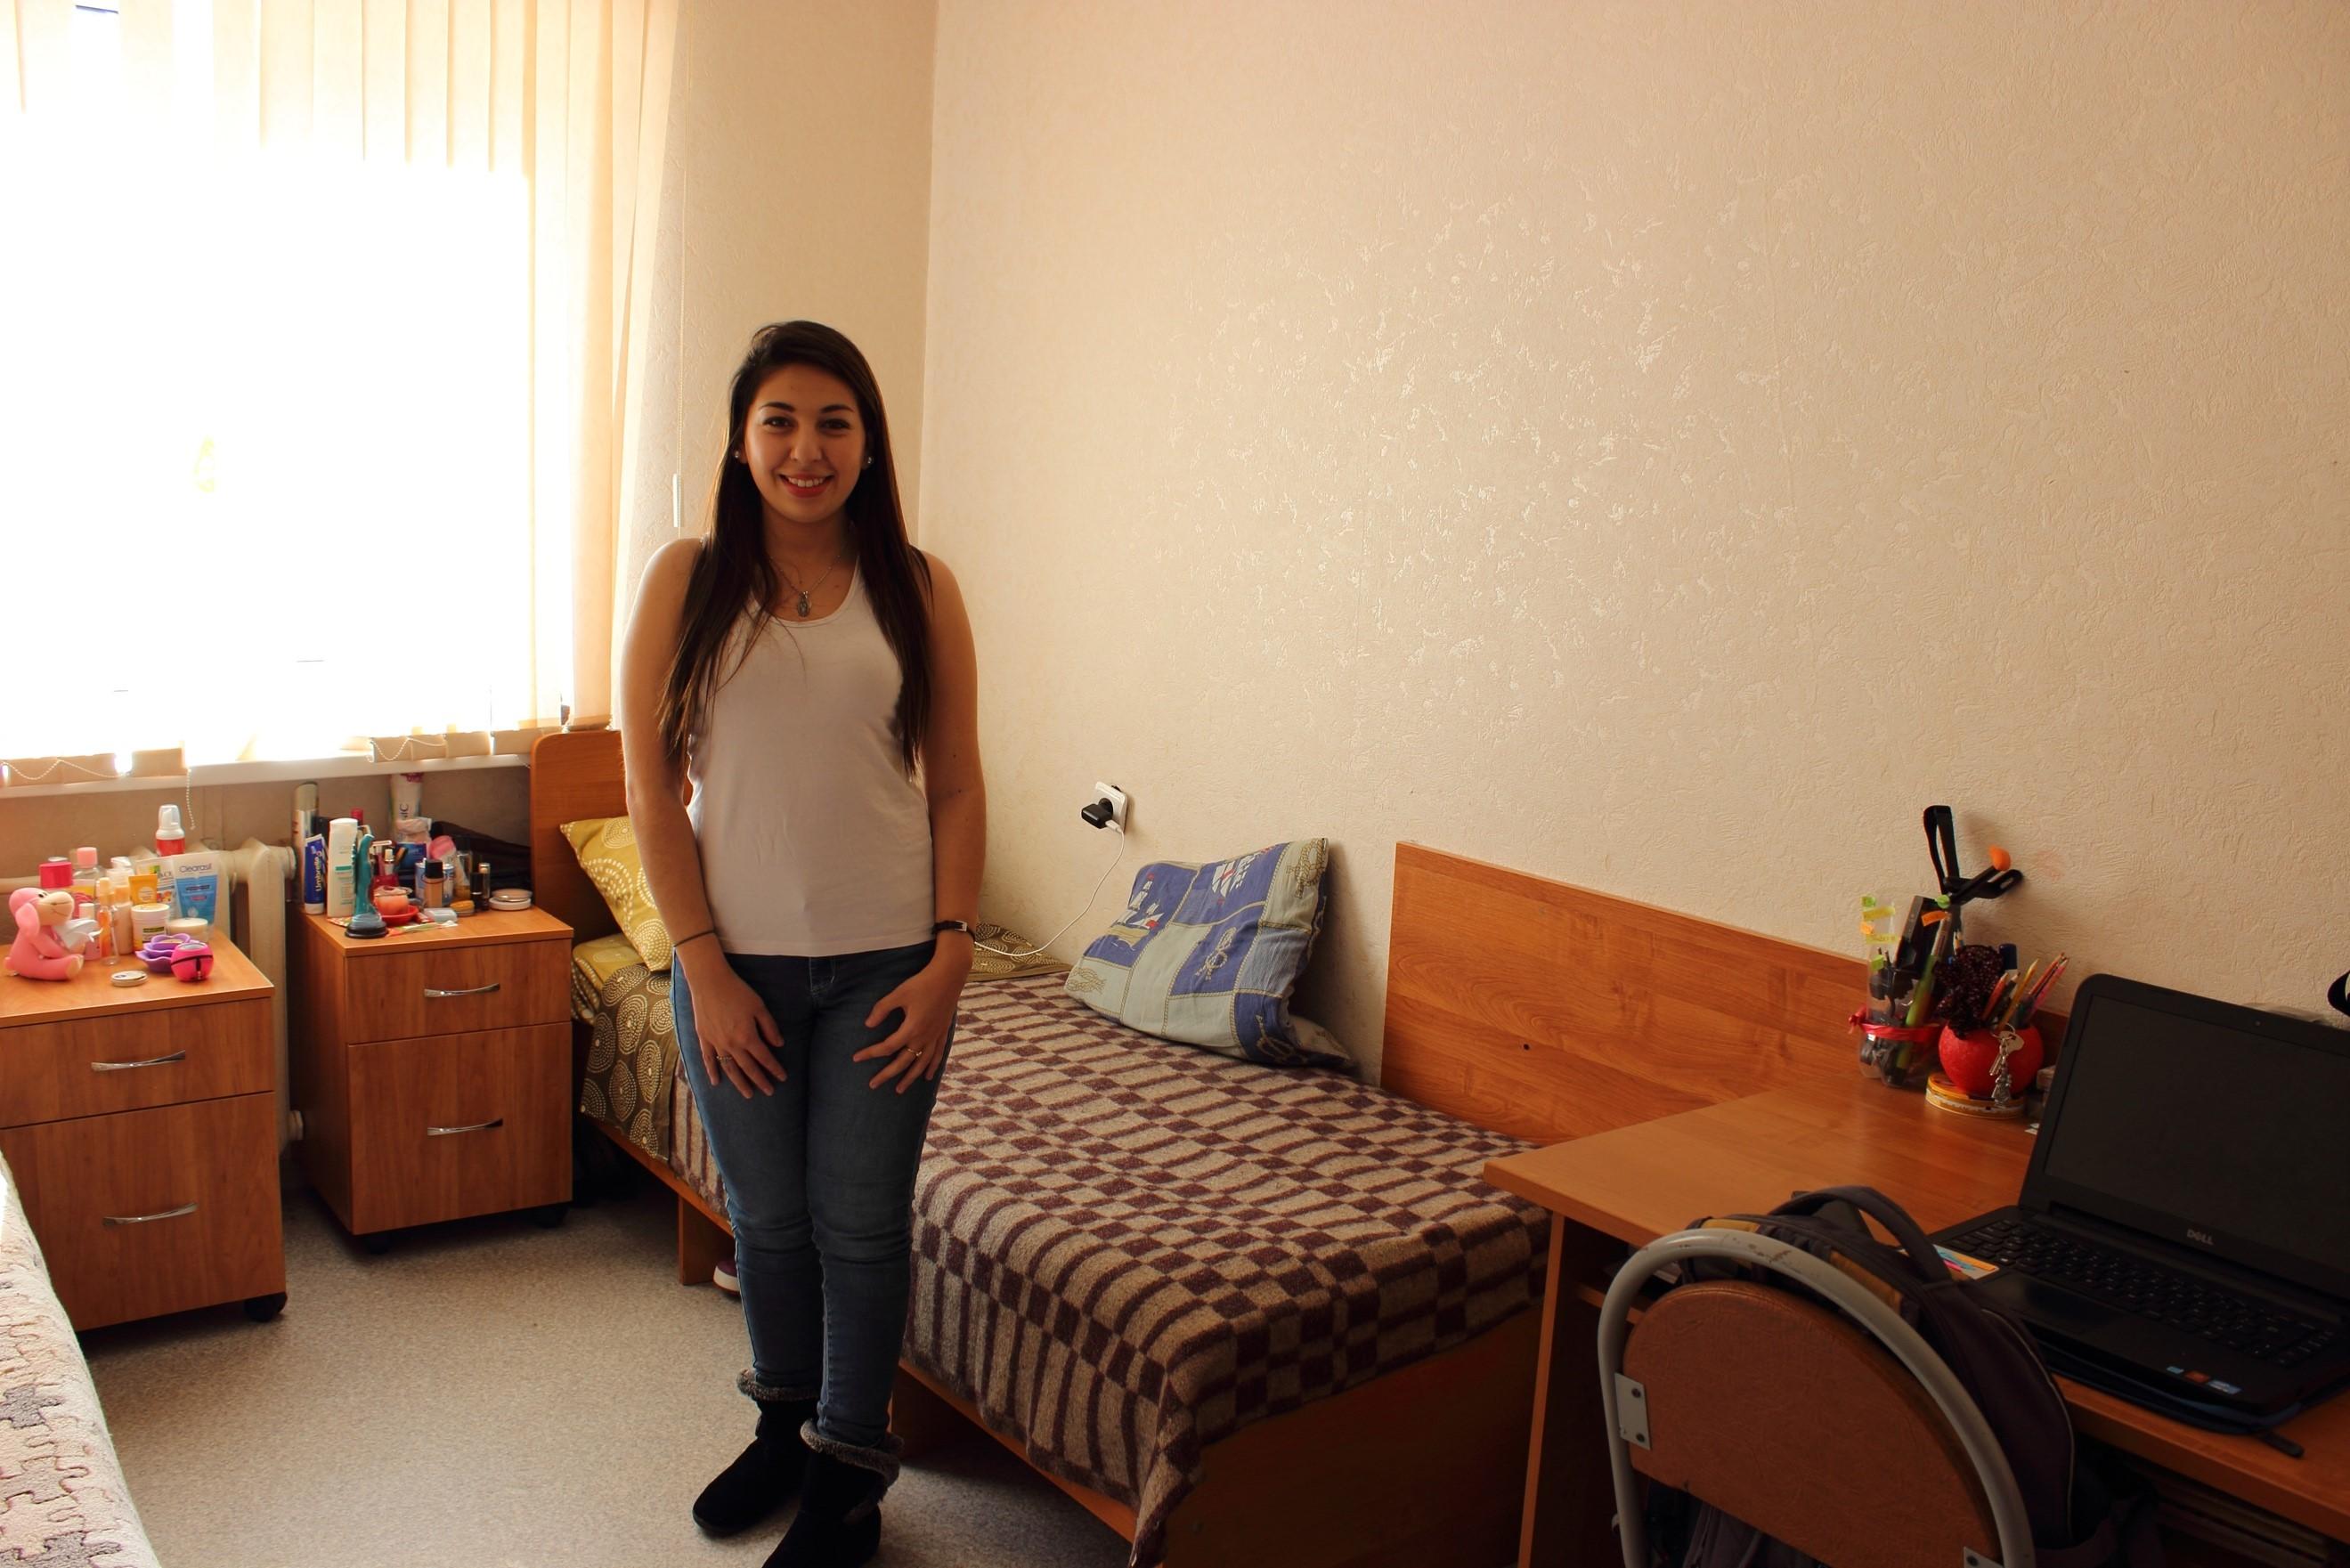 Dormitorios de estudiantes extranjeros en rusia for Dormitorios de universidades